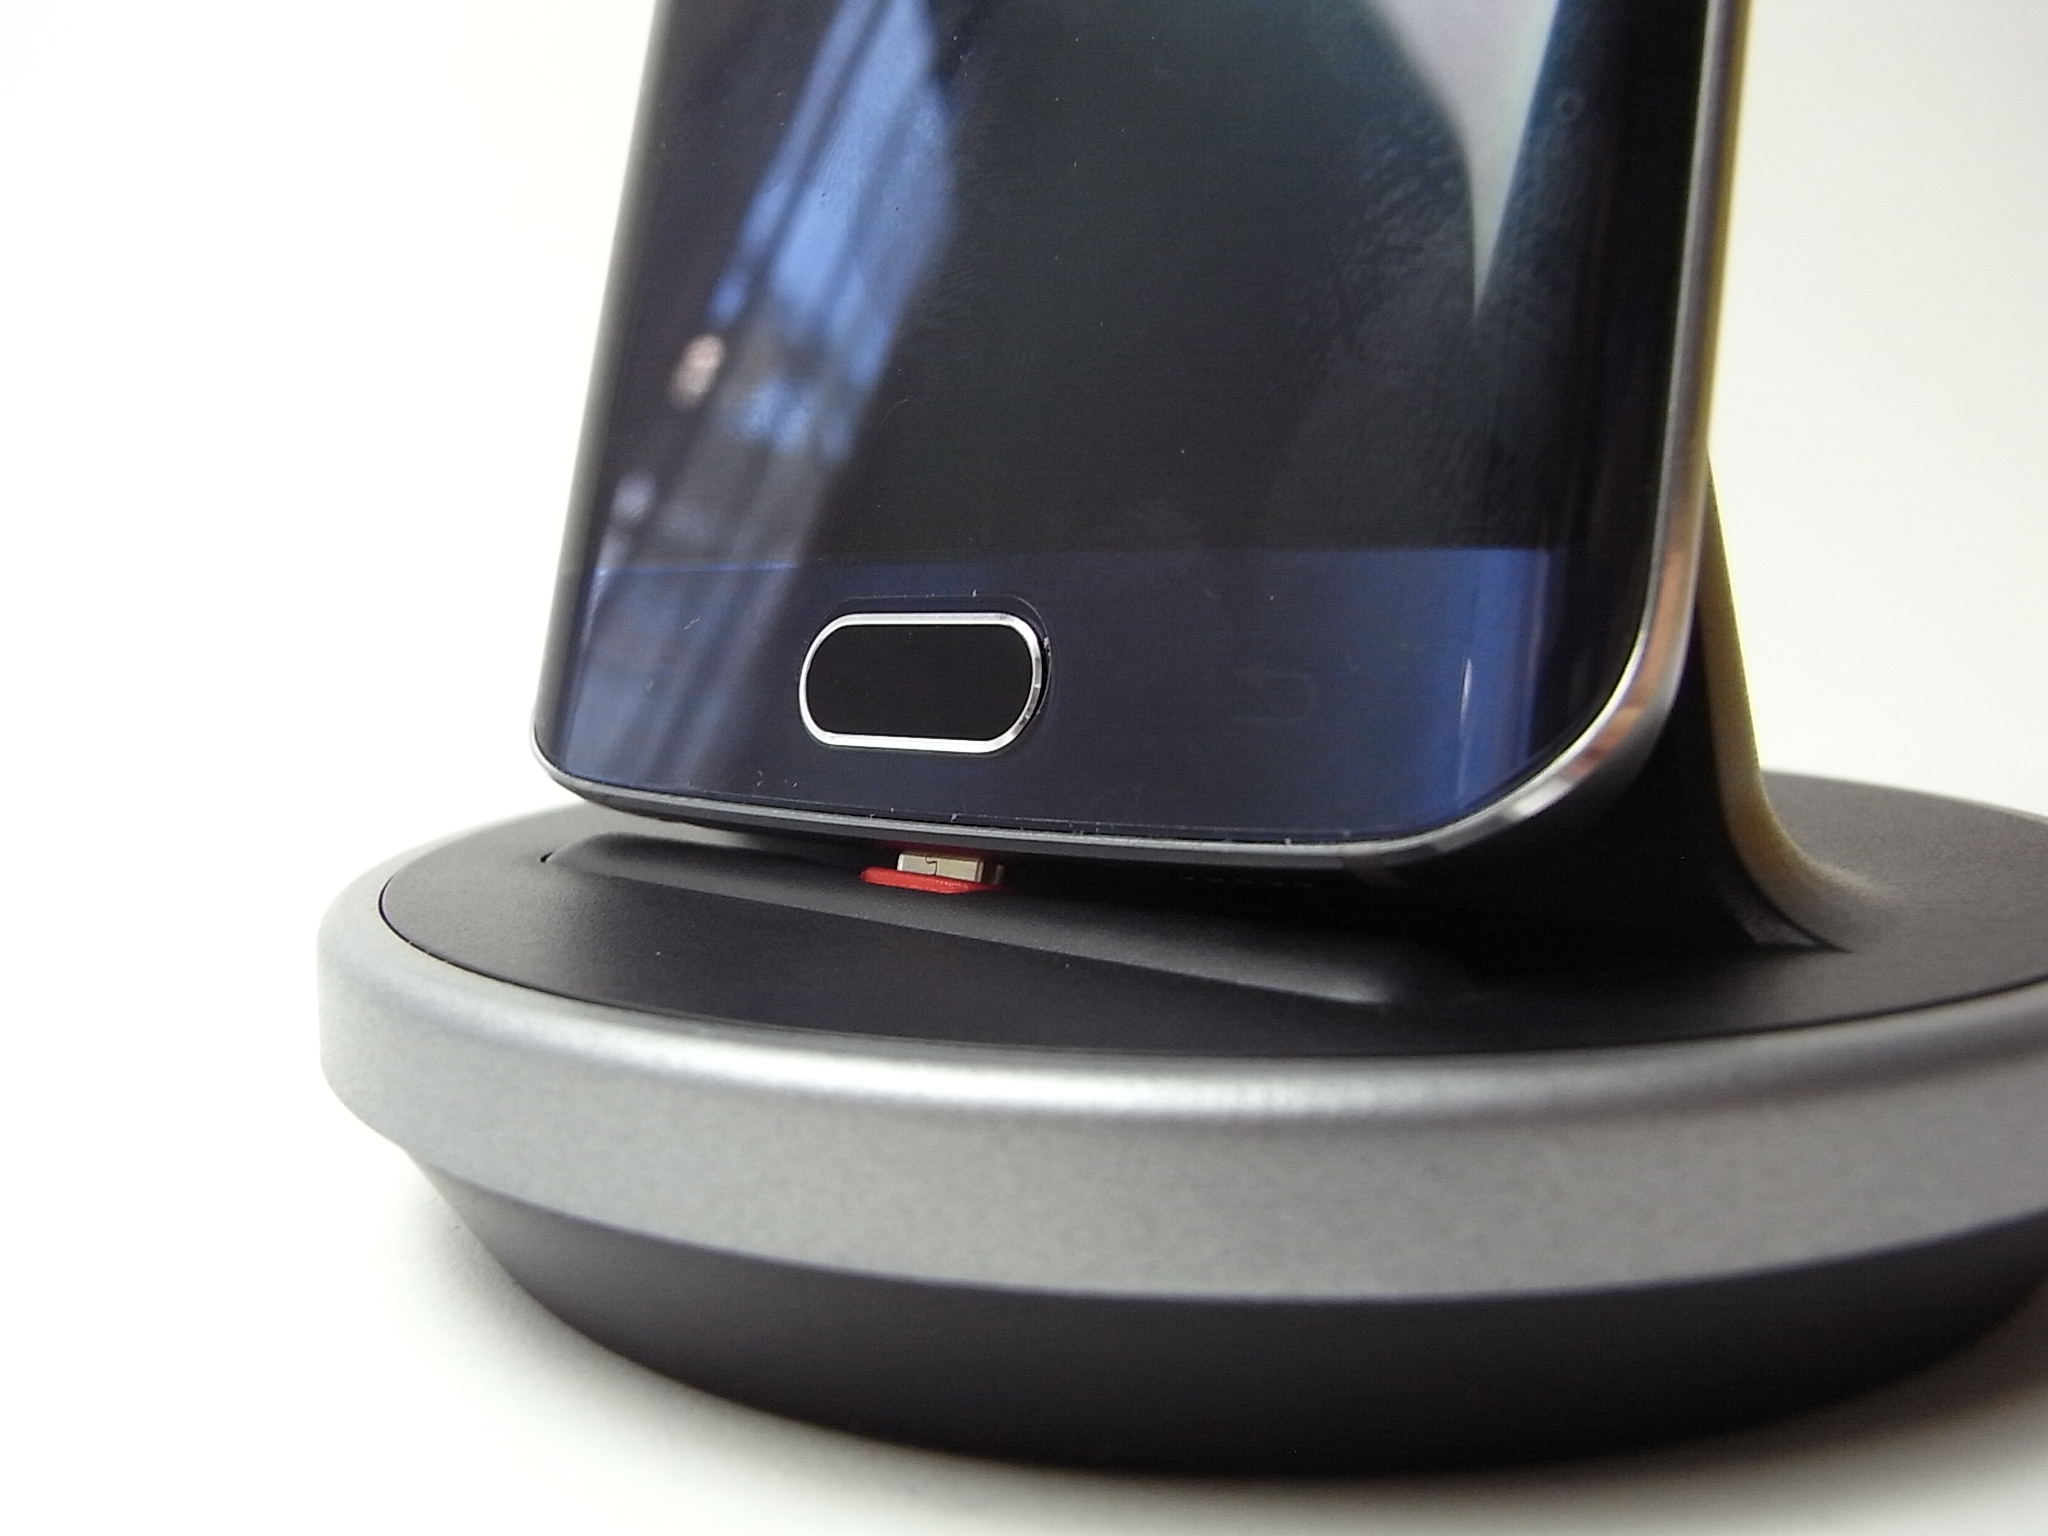 [追記]Nexus 6対応版も出たよ! Xperia Z4やGalaxy S6 Edgeなど色んなスマホ、ケースにも対応したクレードルを試す!